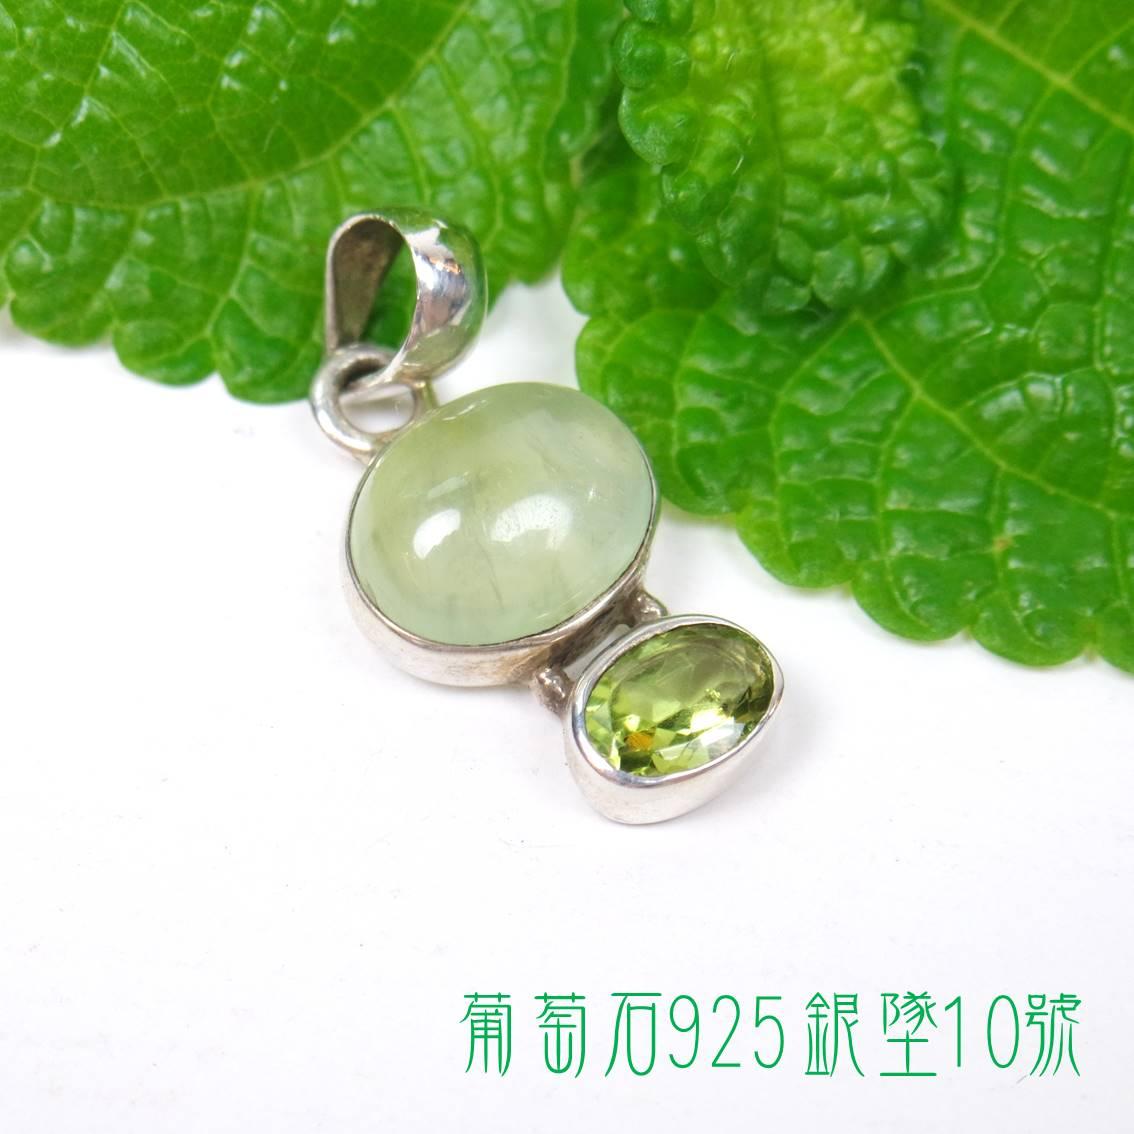 豐盛果實-葡萄石925銀墜10號 橄欖石